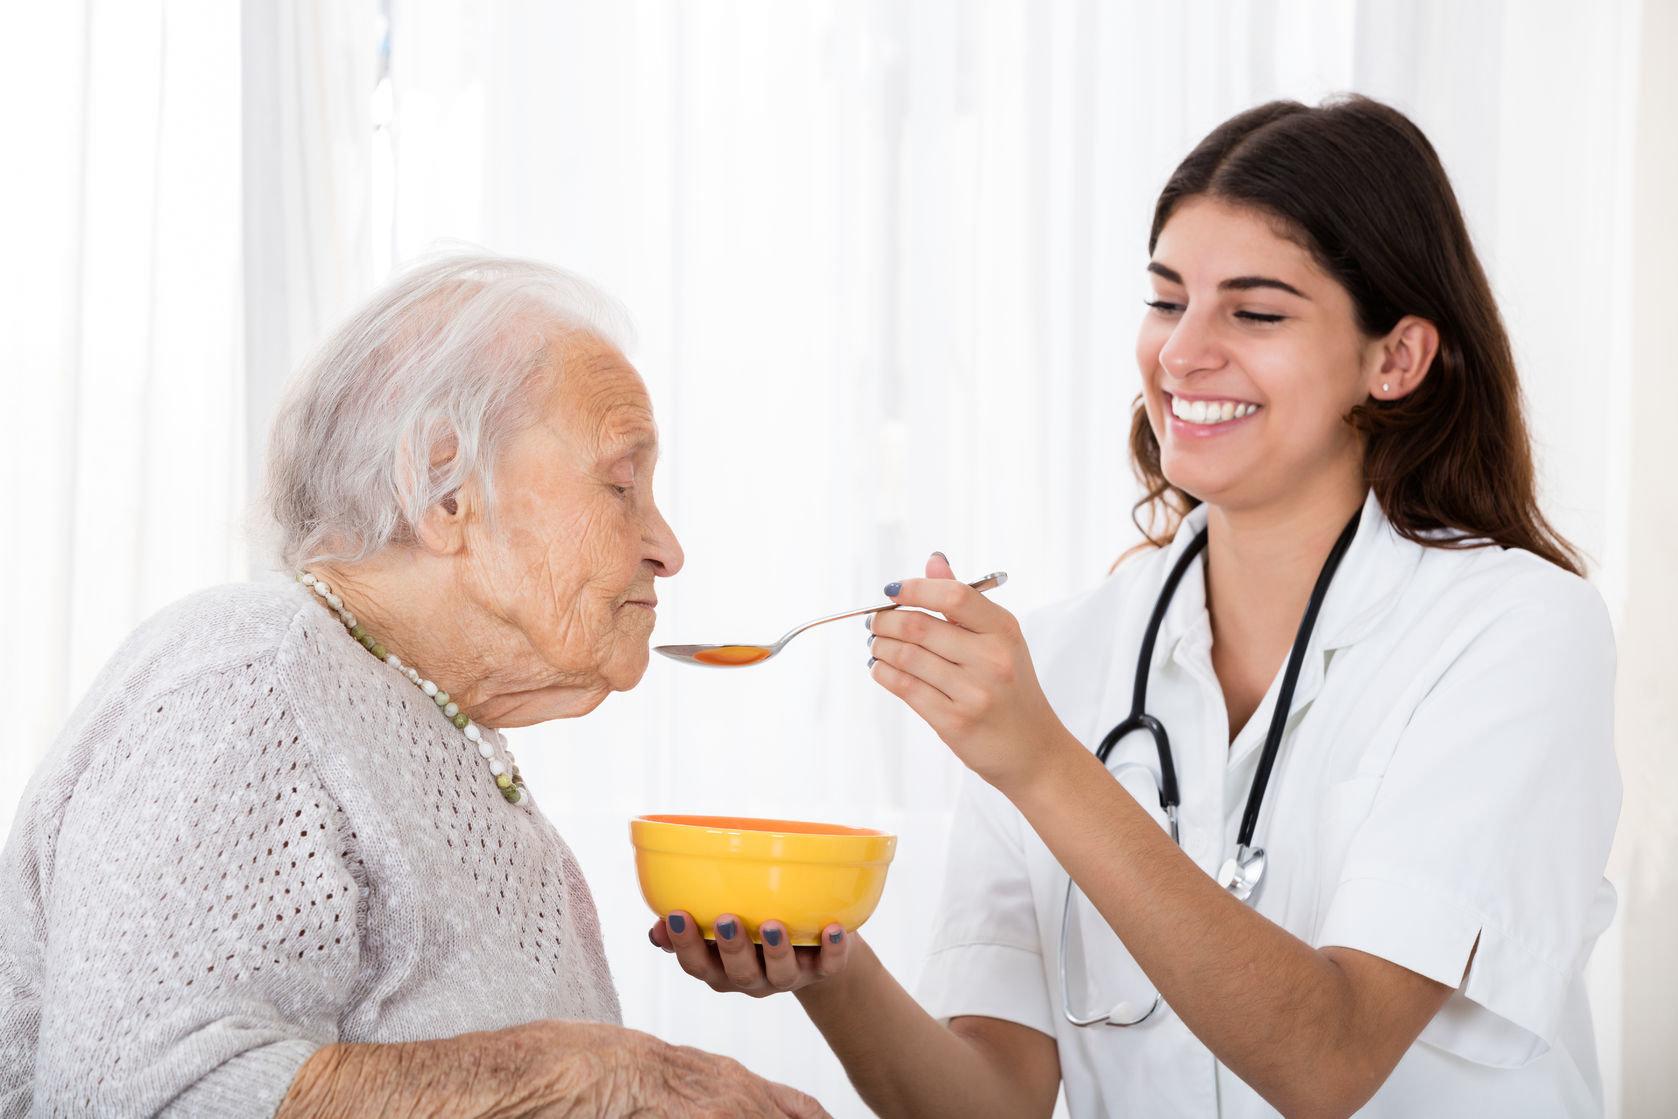 ¿Qué cuidados necesita un adulto mayor sano?